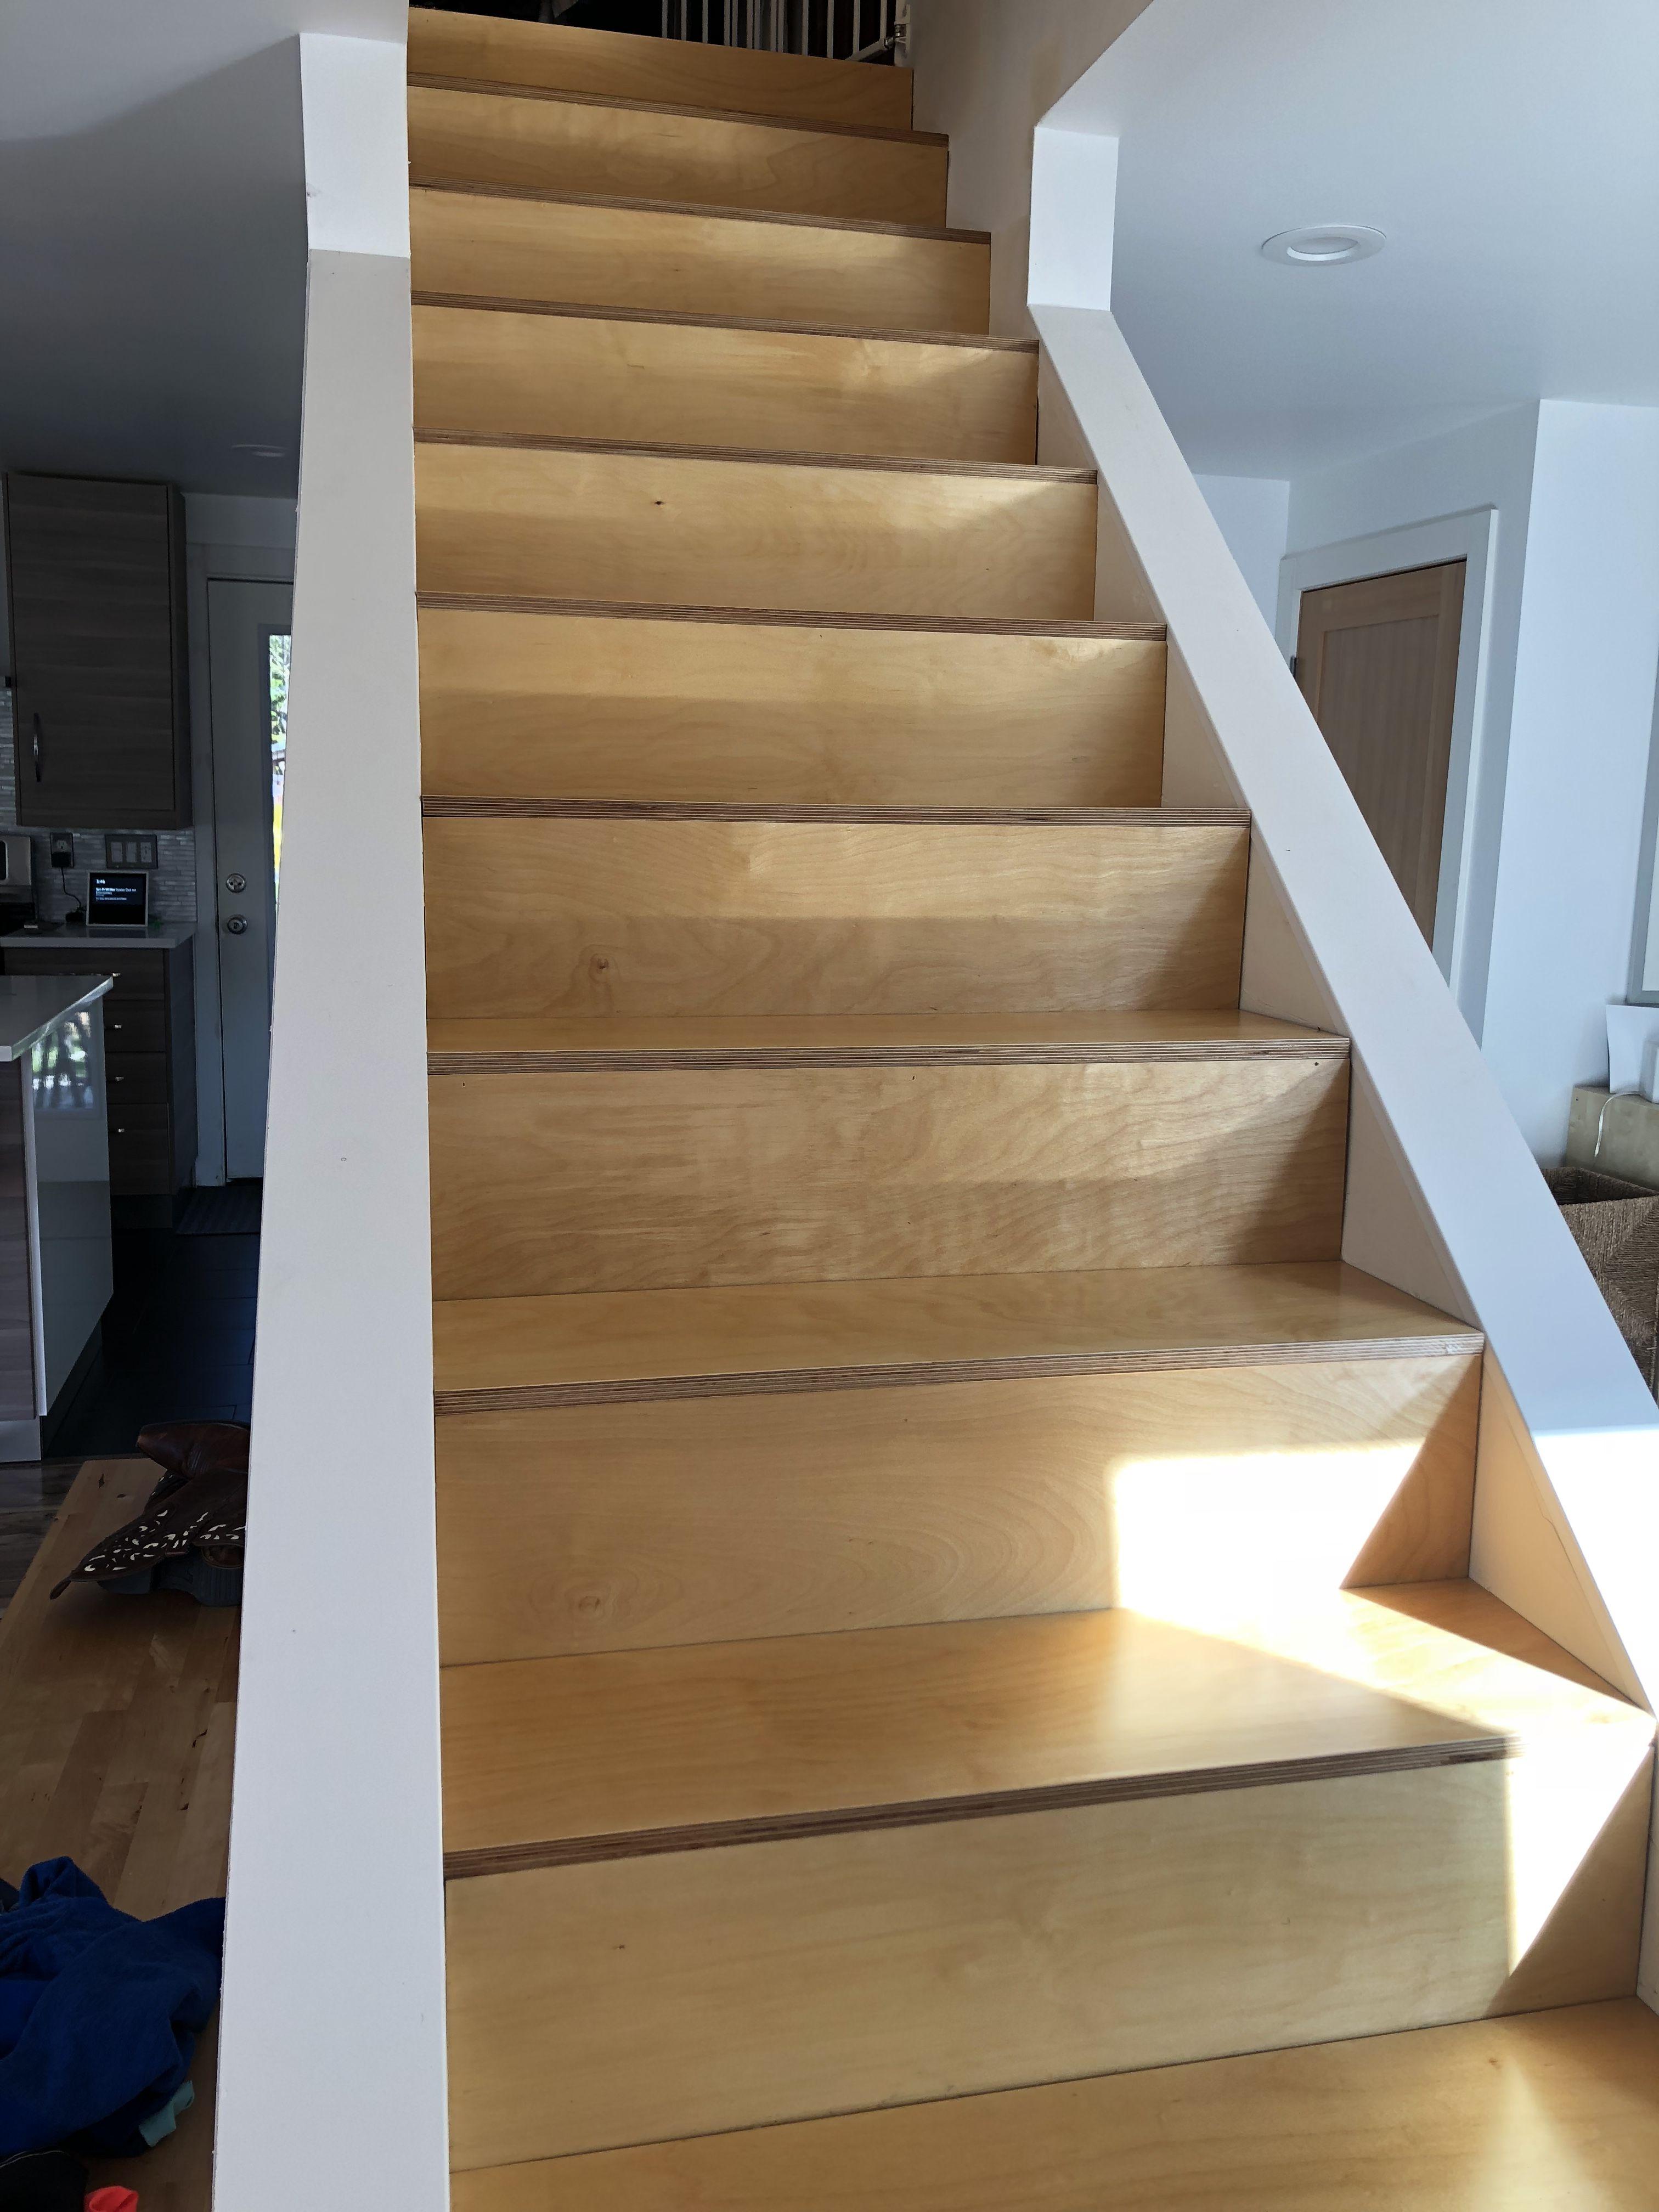 3 4 Baltic Birch Plywood Tread 1 4 Baltic Birch Plywood Riser